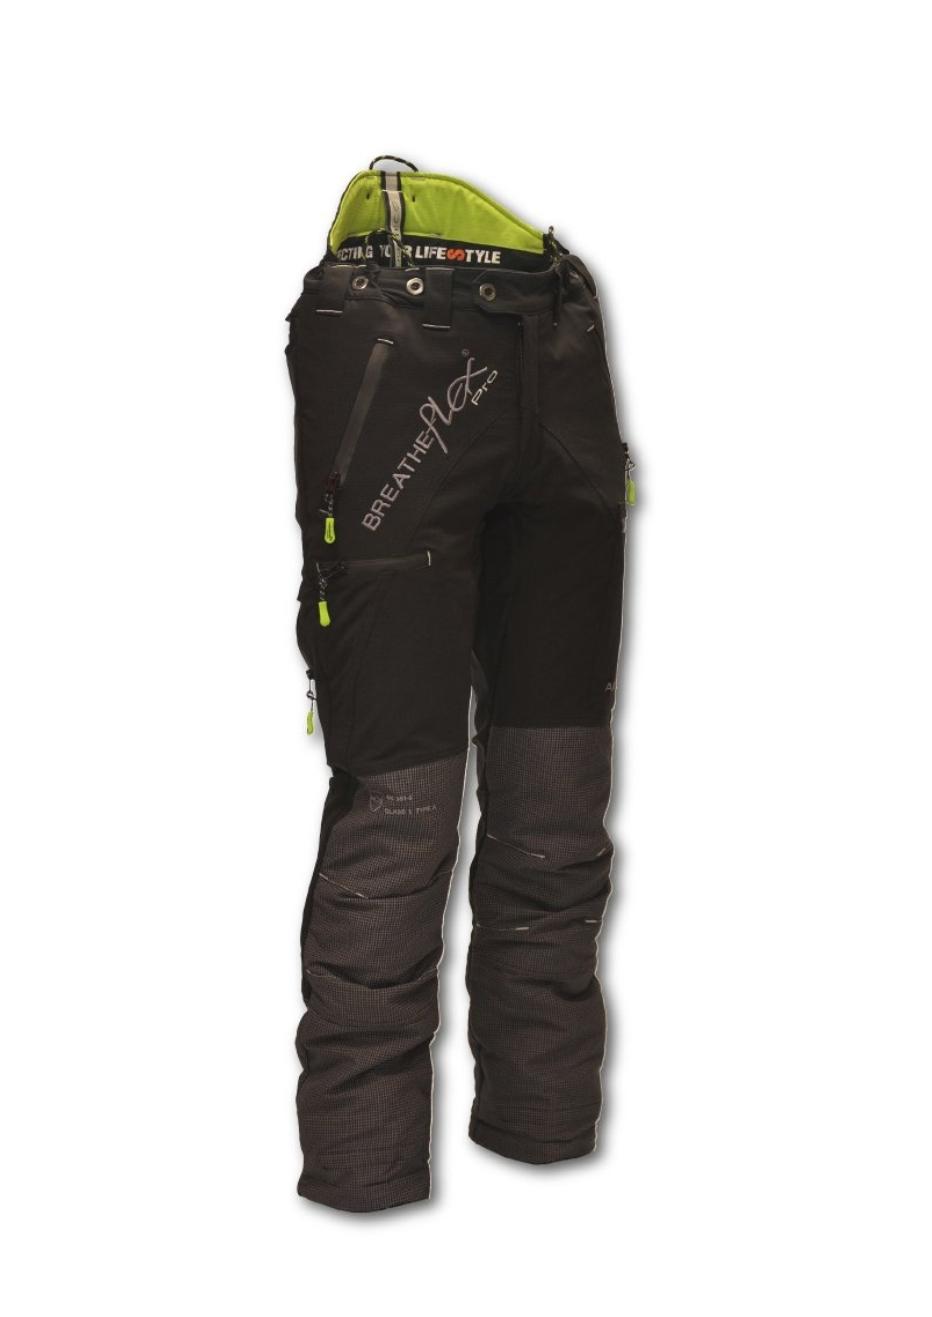 מכנס מוגן חיתוך Arbortec pro שחור